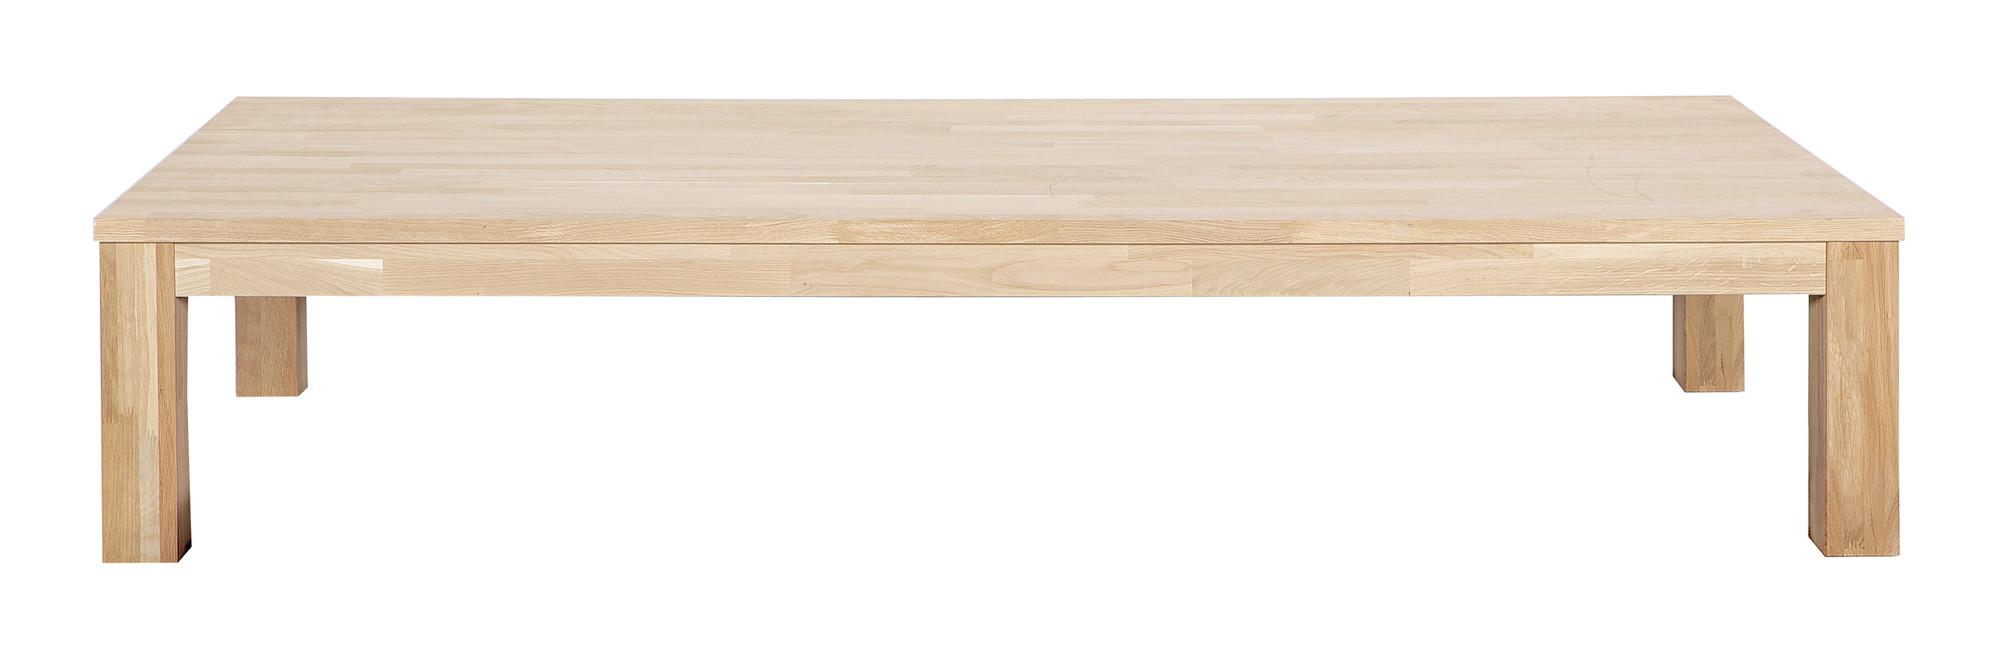 Tafels | Salontafels kopen van Woood